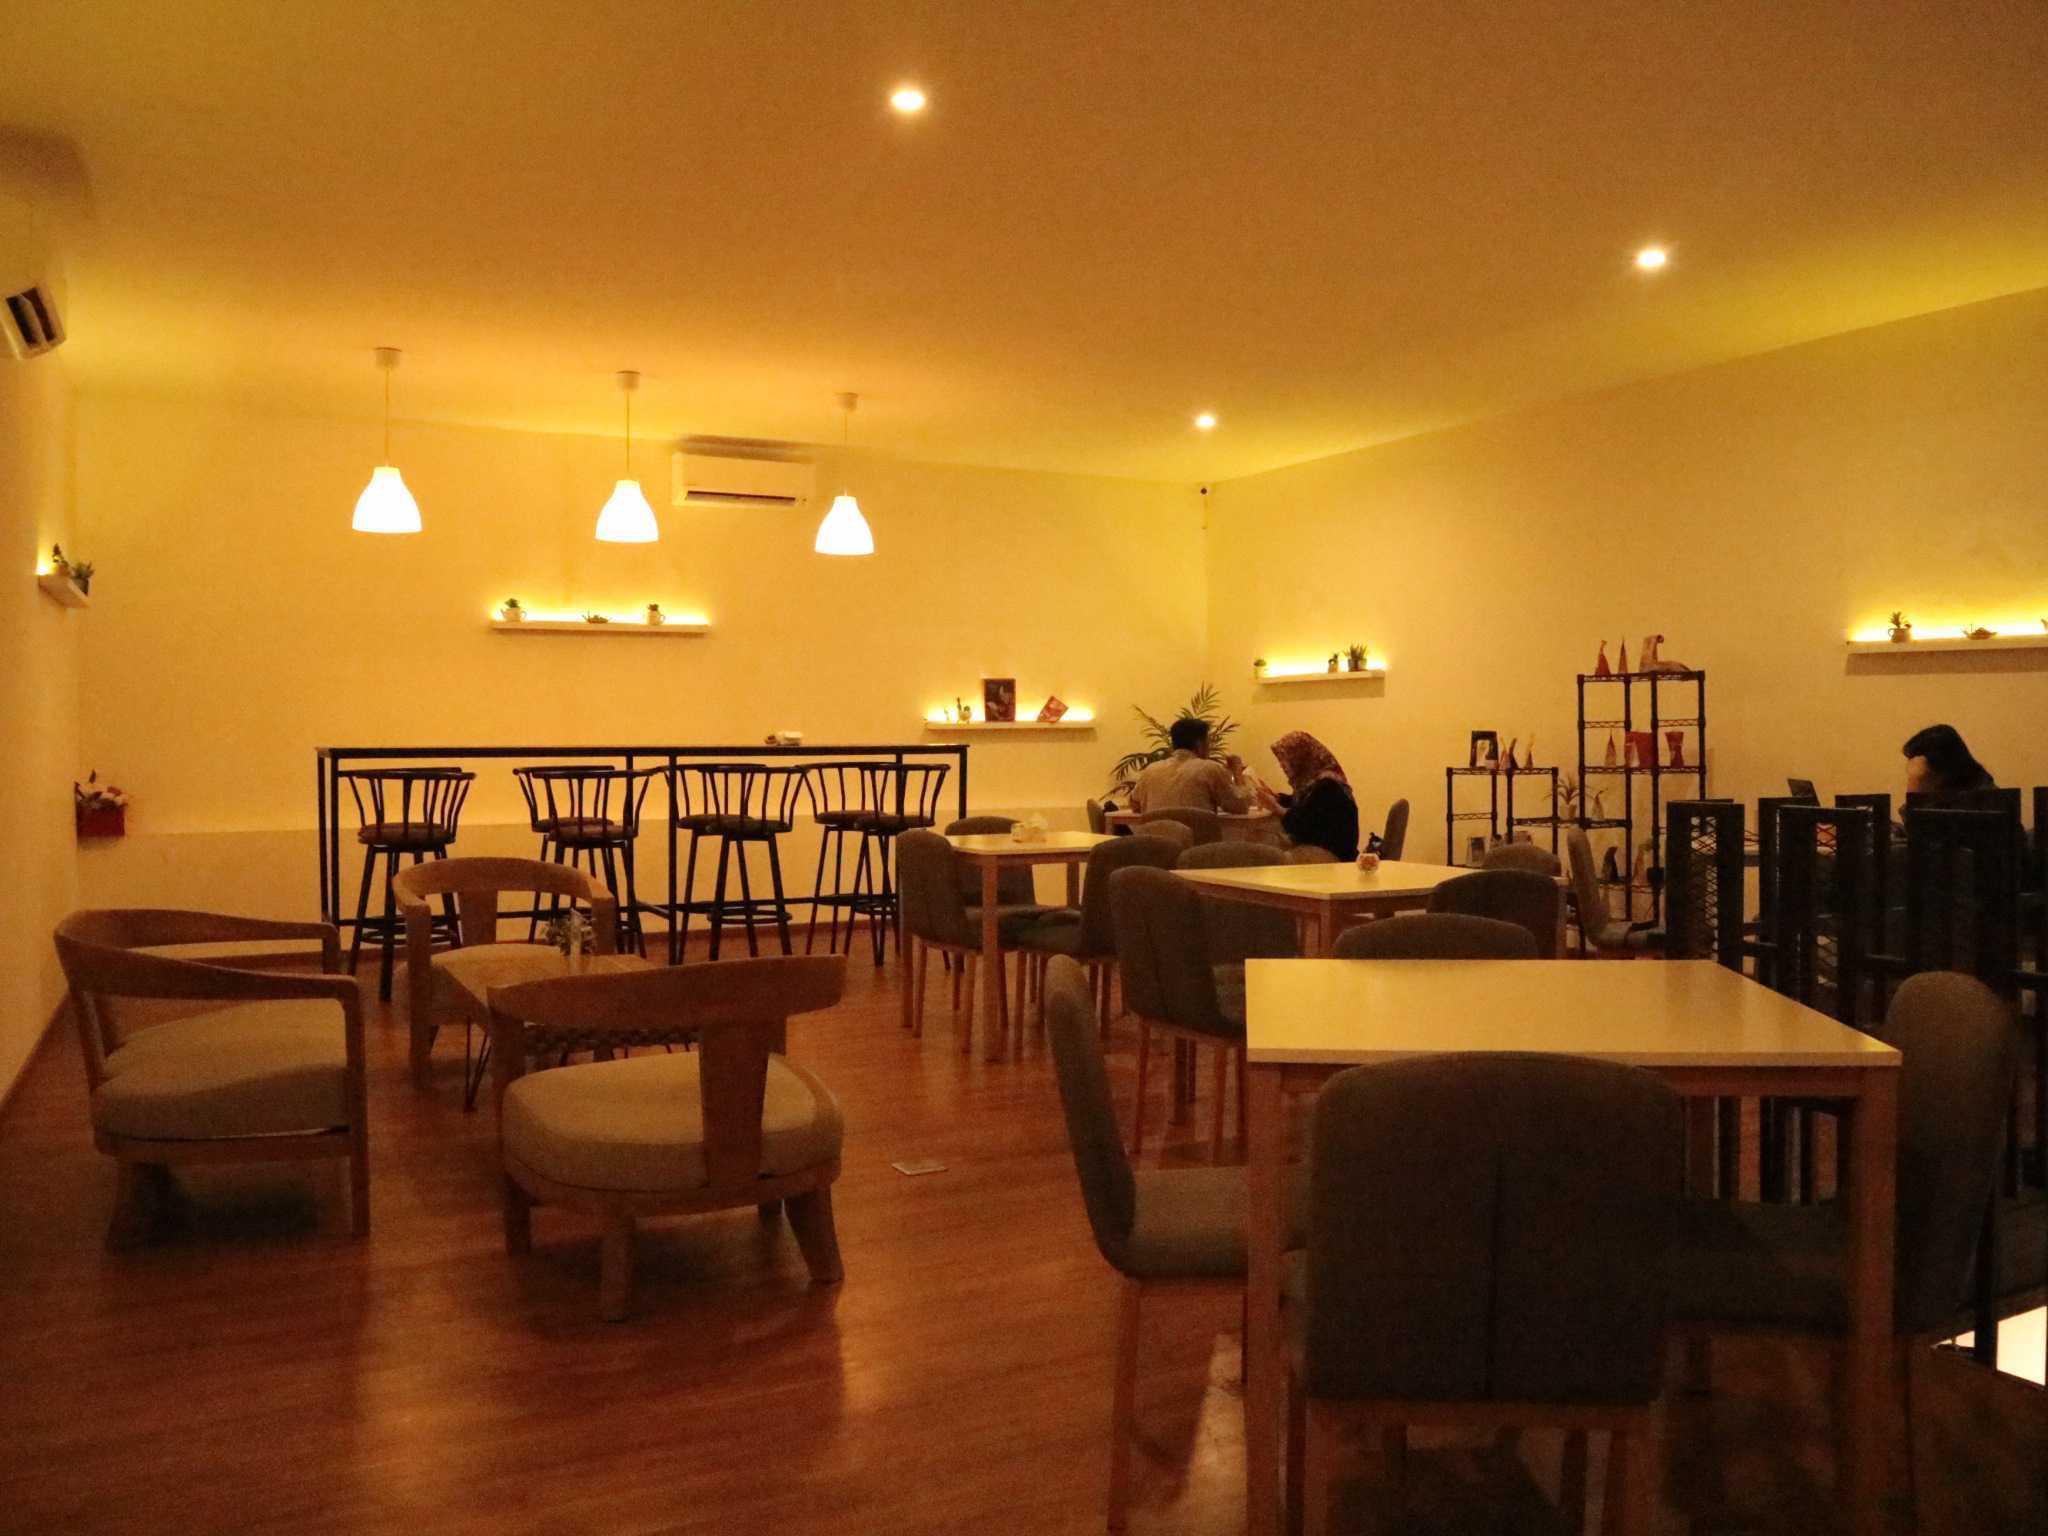 Fau Architects Athaya Coffee Pedurungan, Kota Semarang, Jawa Tengah, Indonesia Pedurungan, Kota Semarang, Jawa Tengah, Indonesia Fau-Architects-Athaya-Coffee  63390